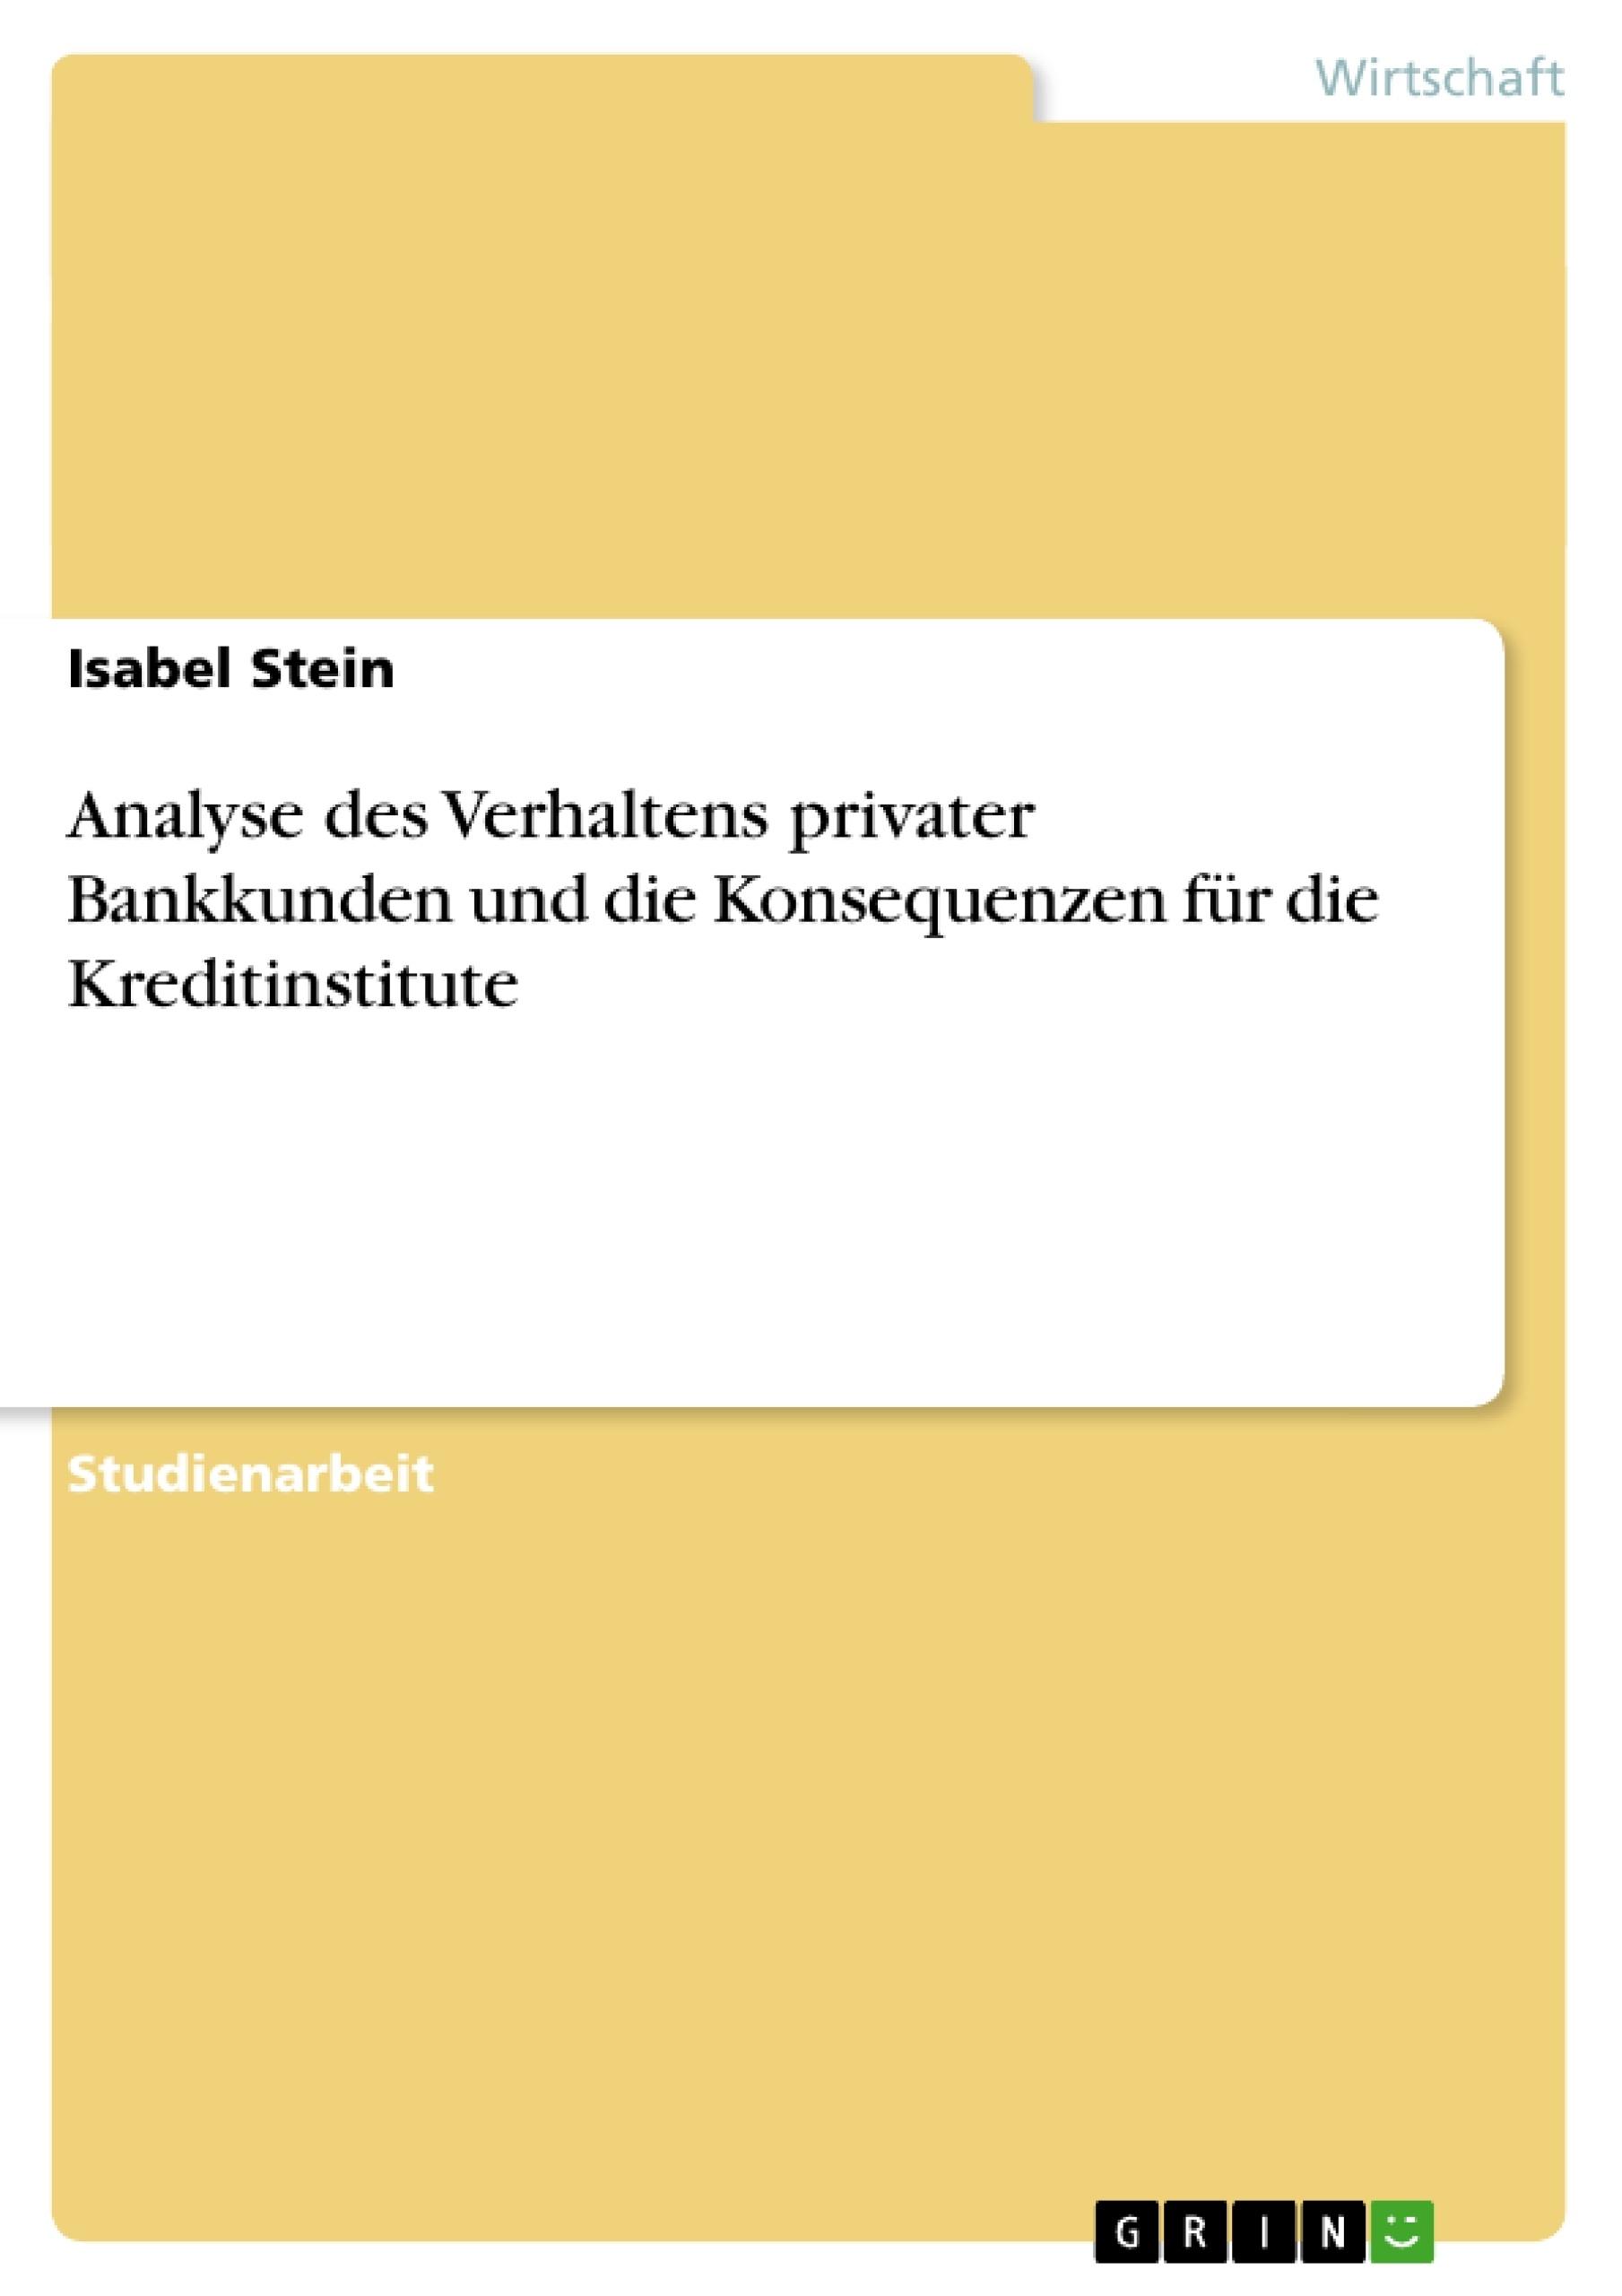 Titel: Analyse des Verhaltens privater Bankkunden und die Konsequenzen für die Kreditinstitute